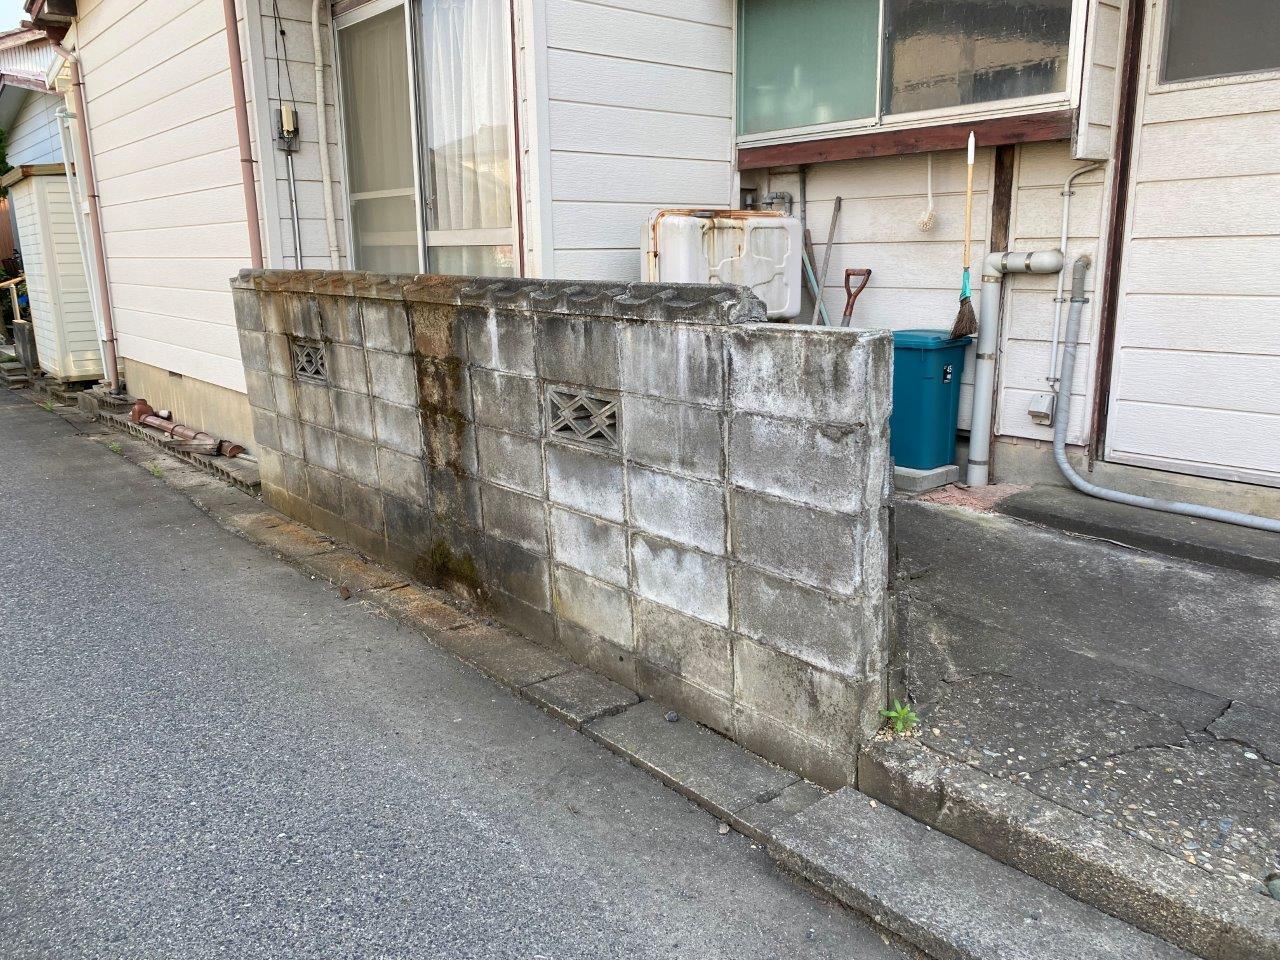 新潟市秋葉区にてブロック塀の解体工事着手しました